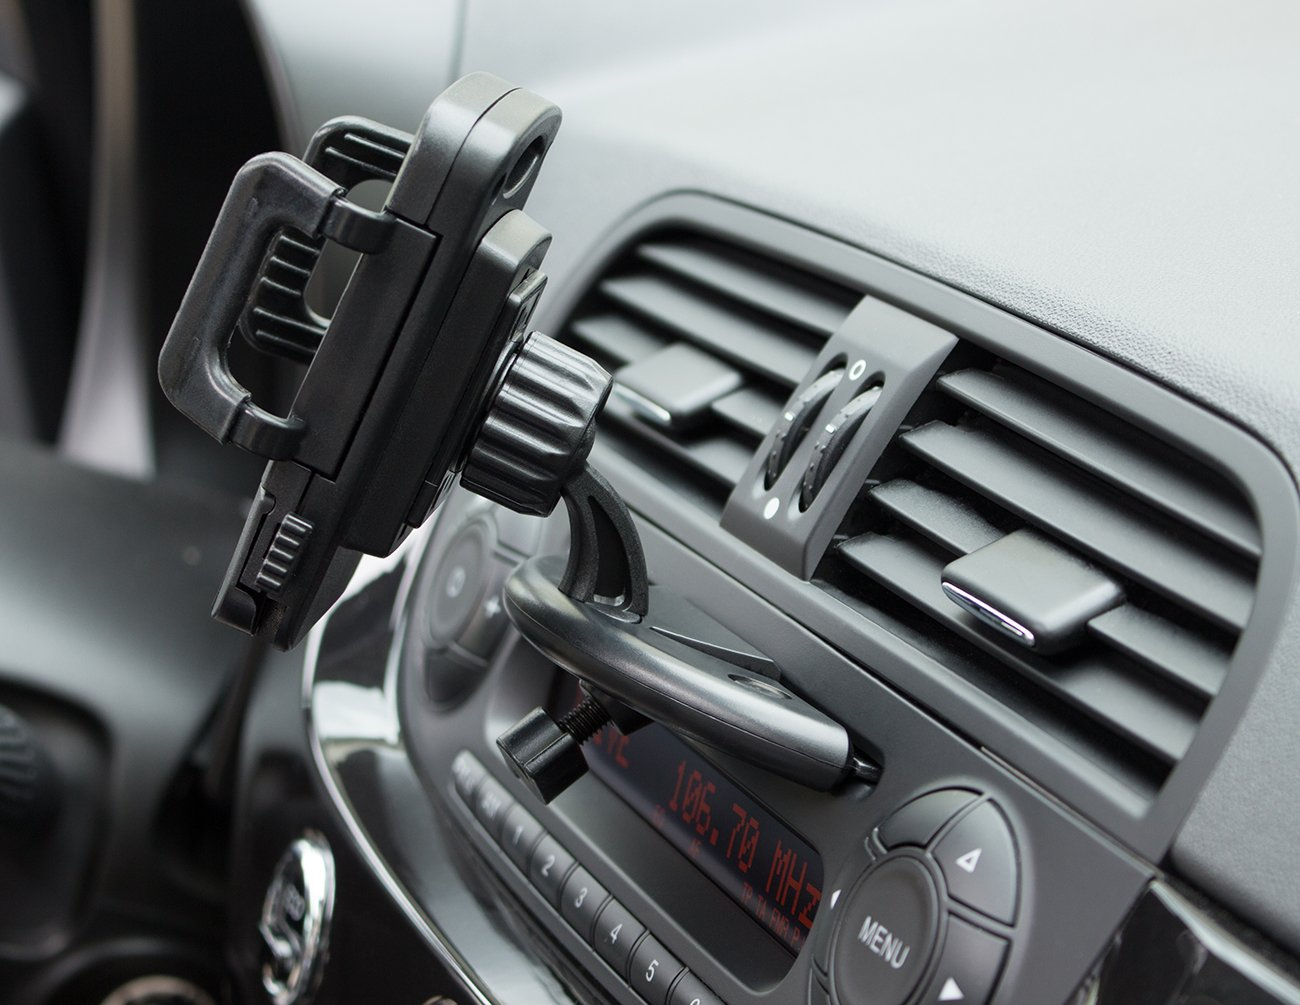 grooveclip-CD-Classic-KFZ-Halterung-fr-den-CD-Schlitz-Extra-breit-Auch-fr-breitere-Smartphone-Navi-GPS-Gerte-iPhone-7-6-Plus-uvm-bis-105cm-passt-in-jeden-gewhnlichen-KFZ-CD-Player